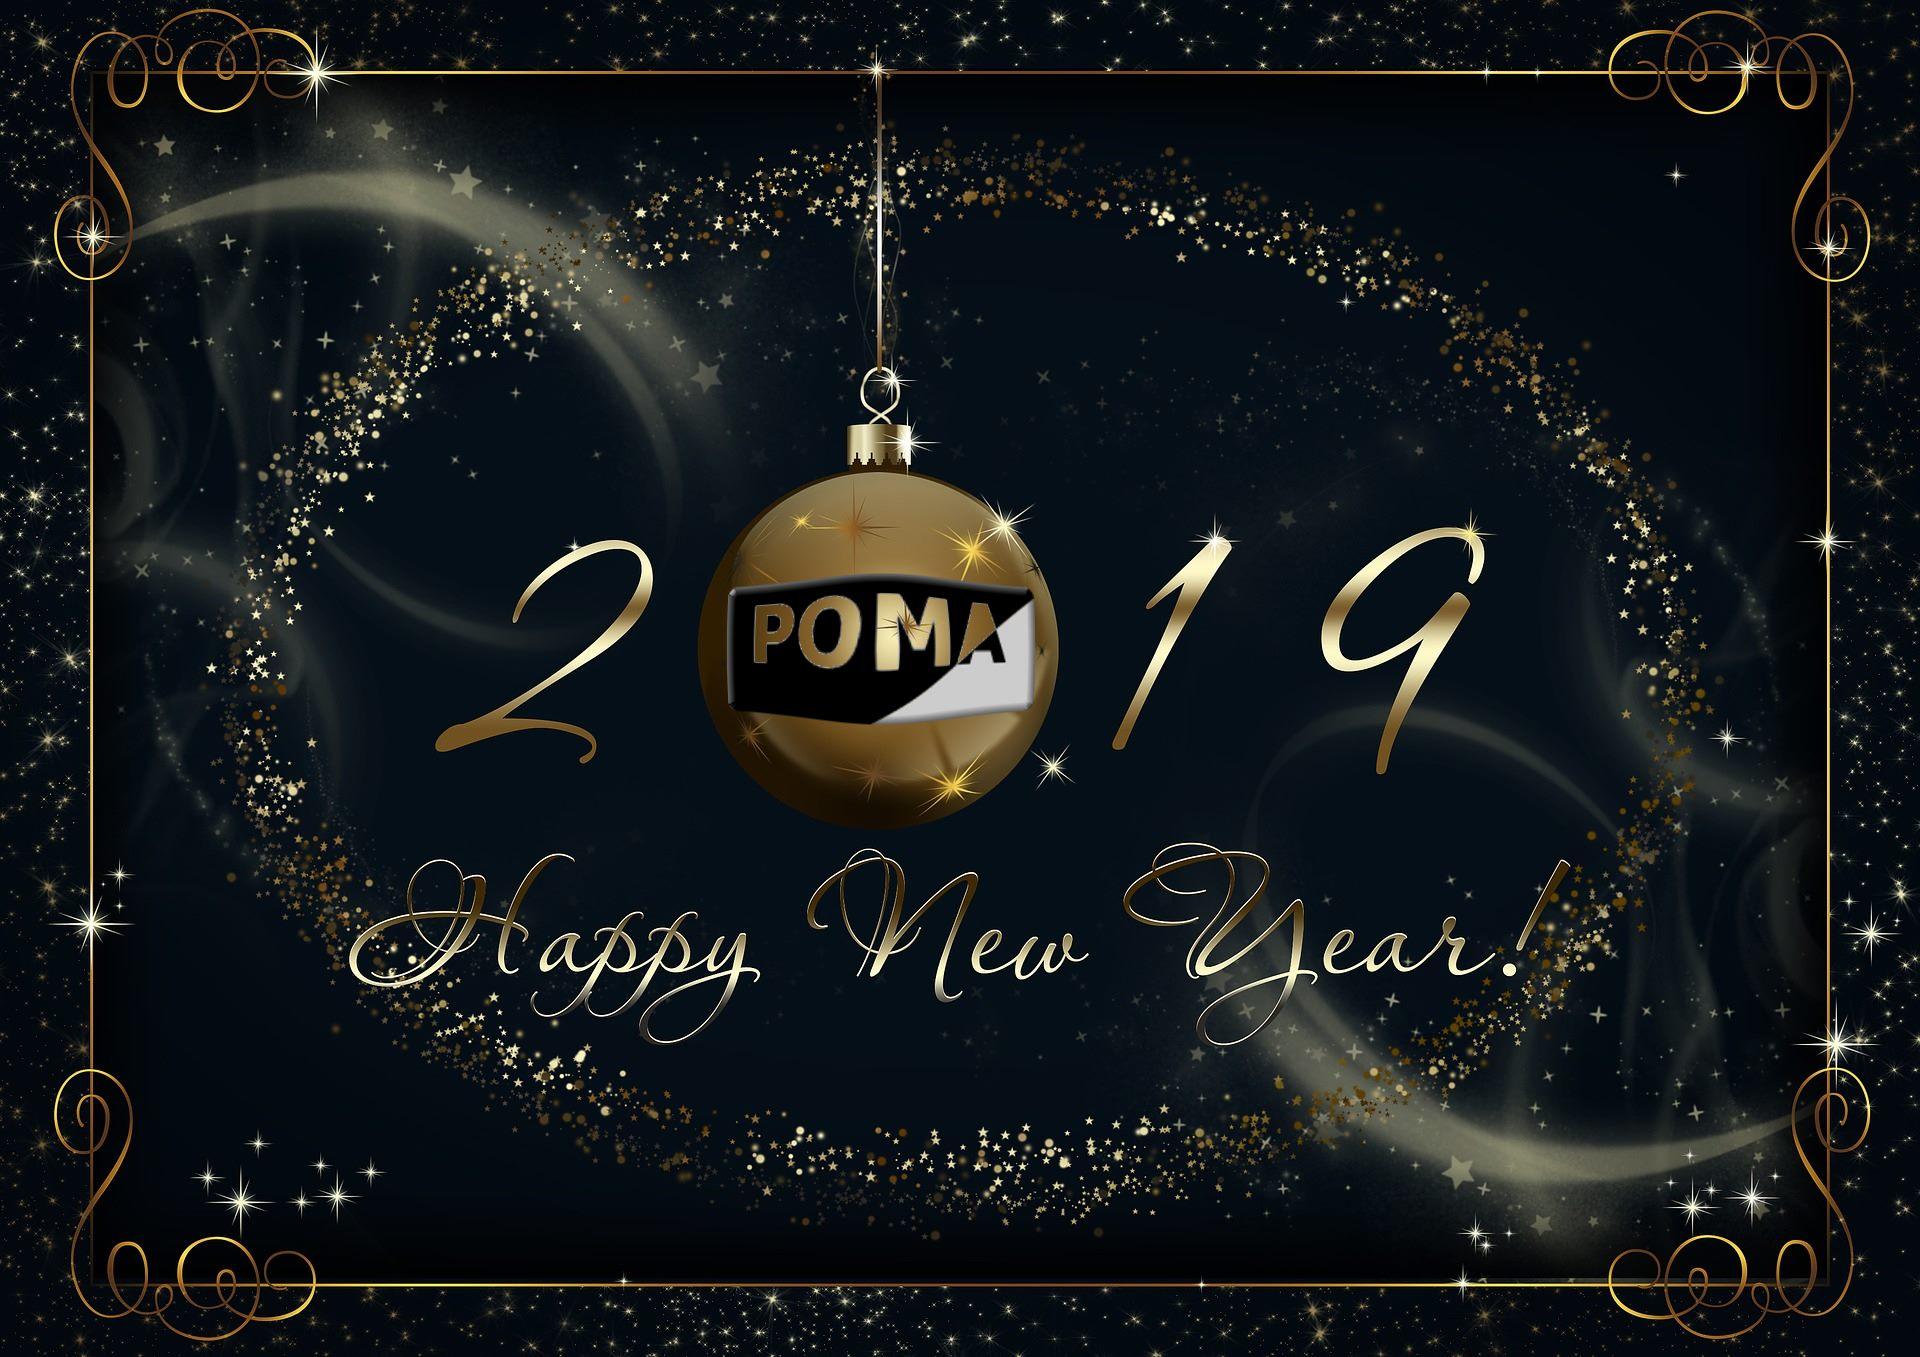 Peter Ole Madsen ønsker dig godt nytår